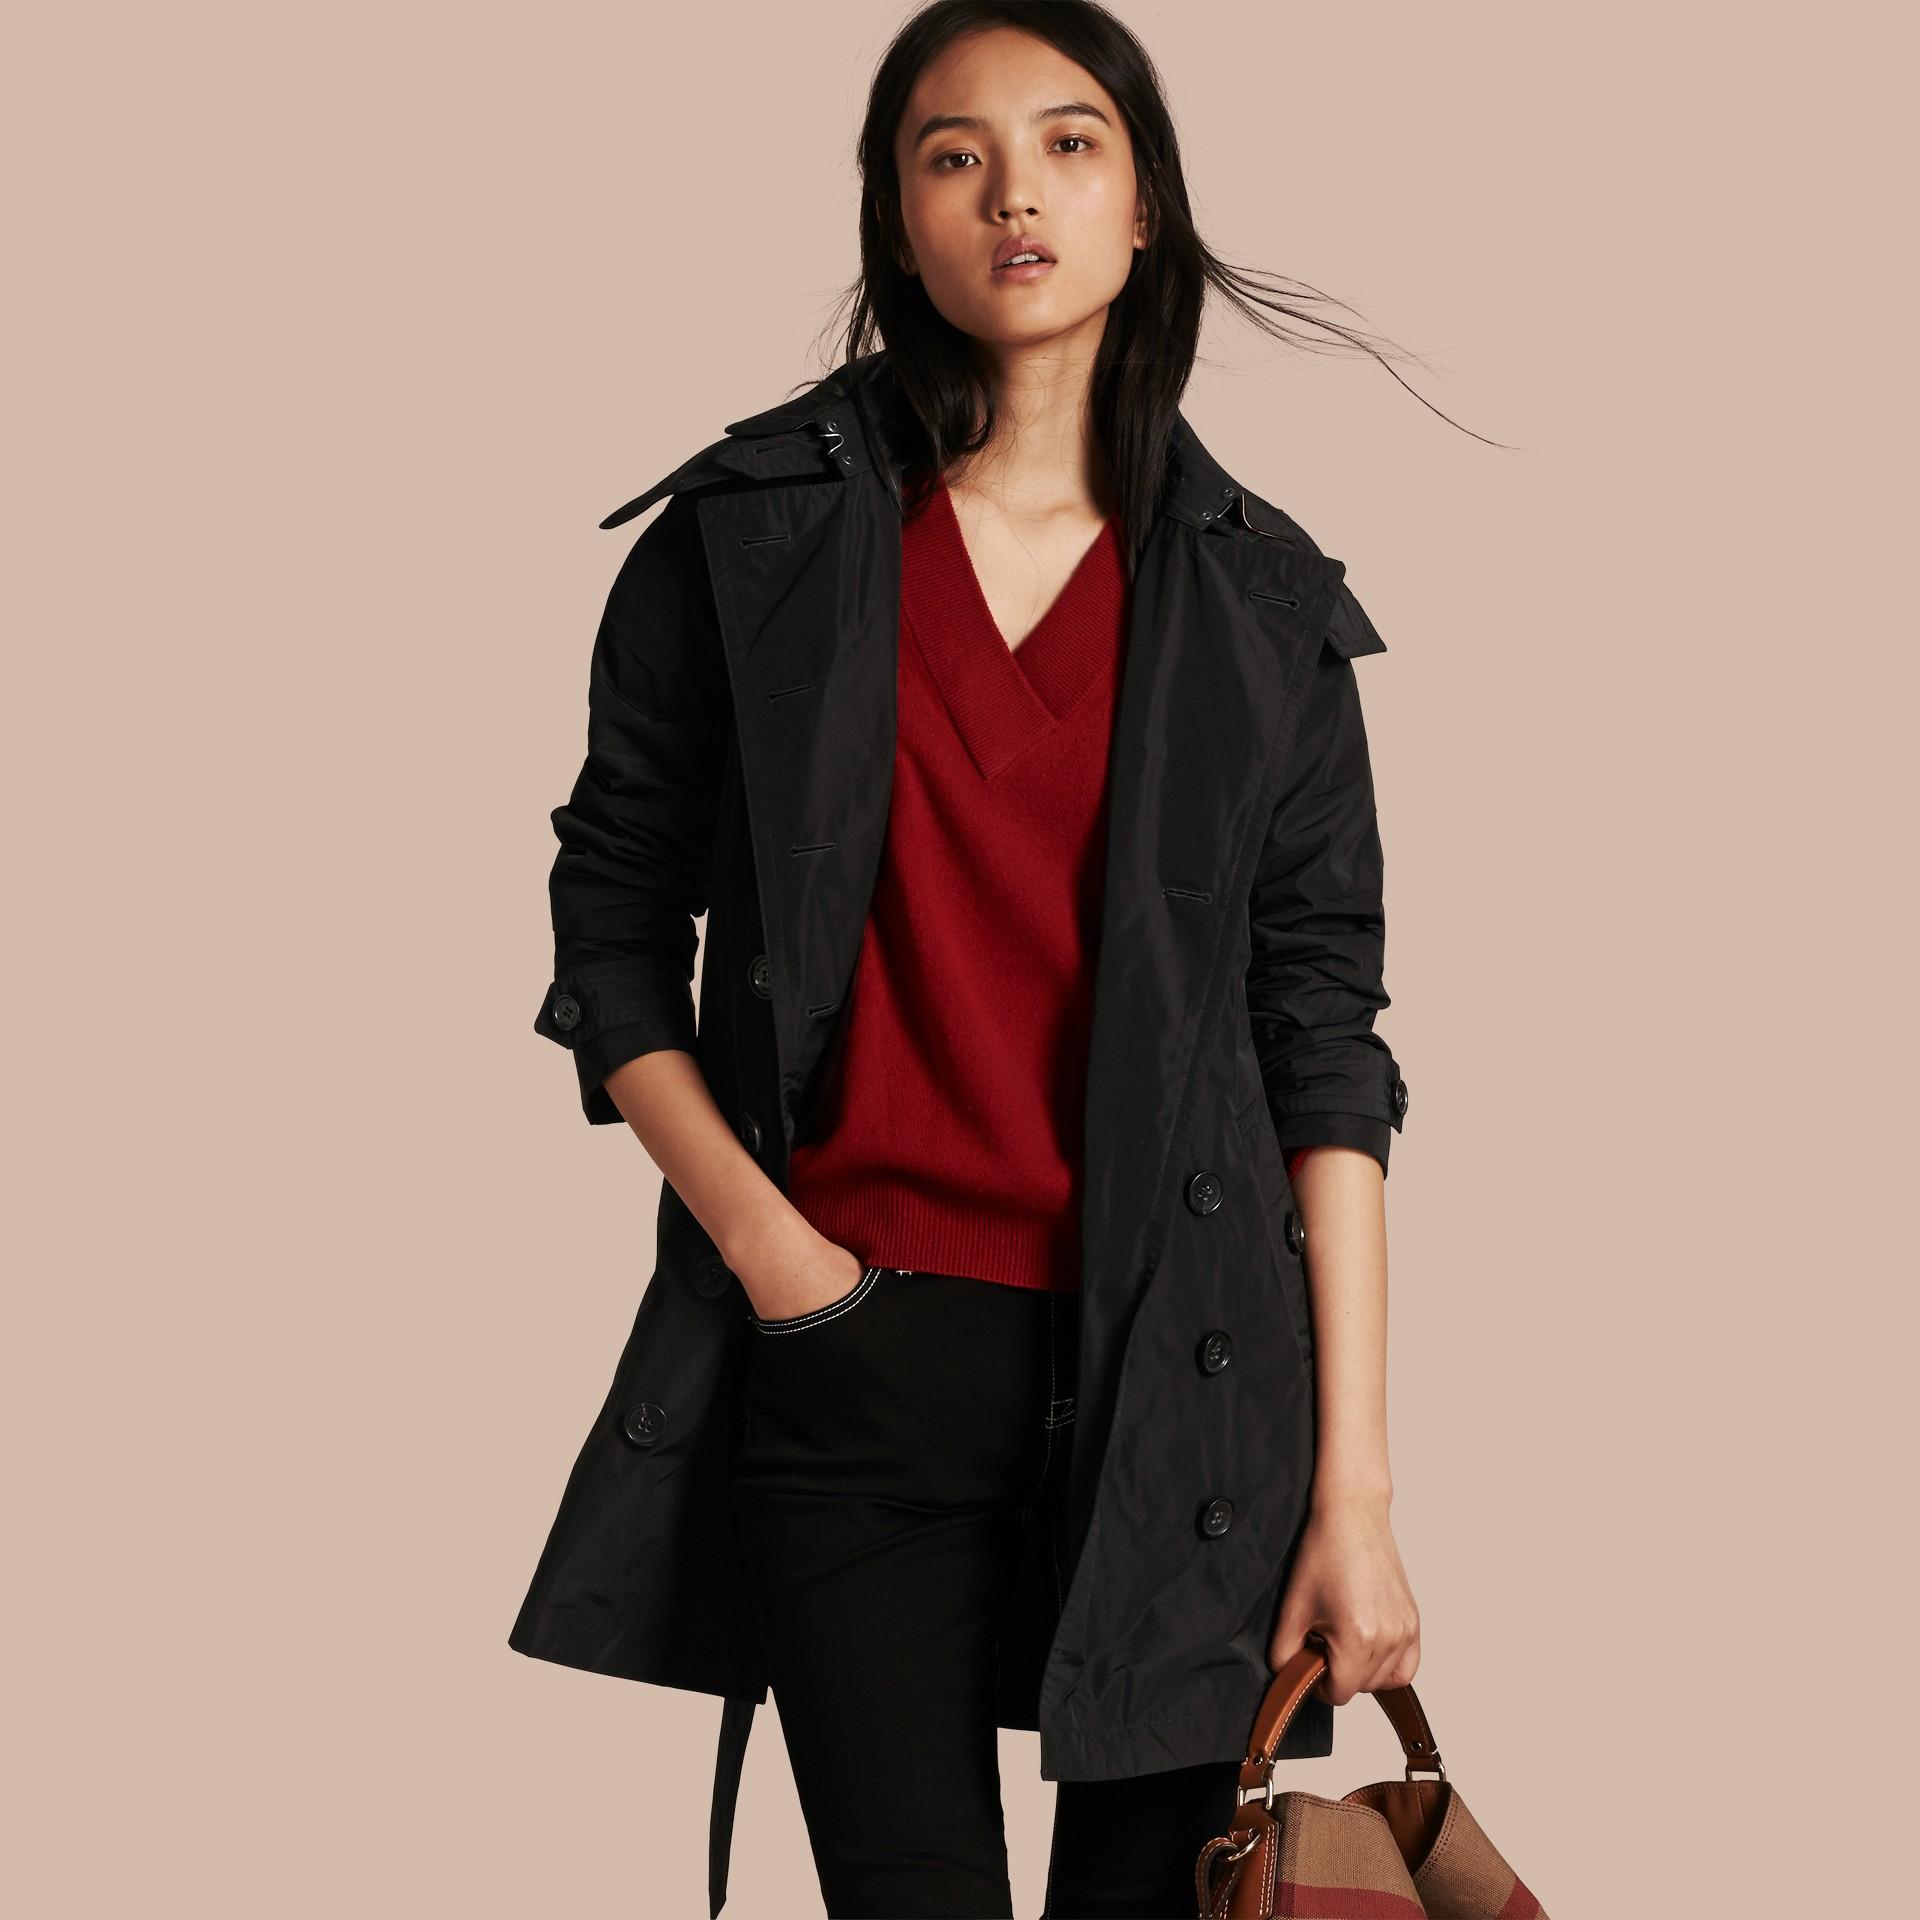 Noir Trench-coat en taffetas à capuche amovible Noir - photo de la galerie 1